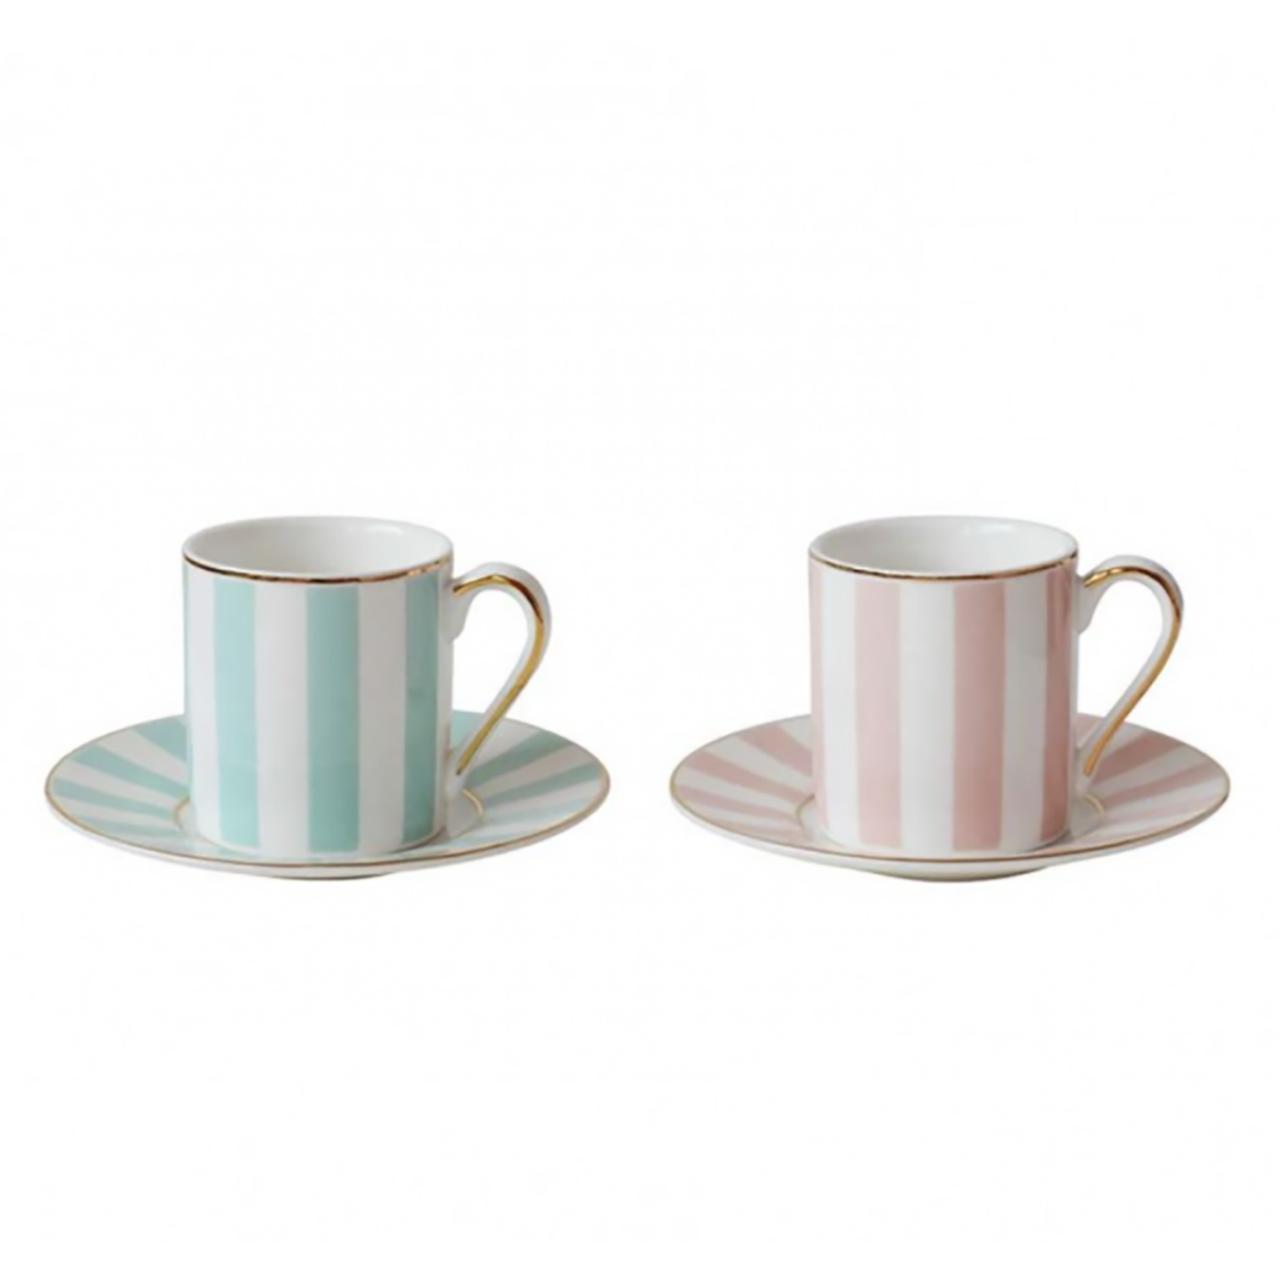 فنجان و نعلبکی  بامبی داک مدل Pink and Mint بسته 2 عددی